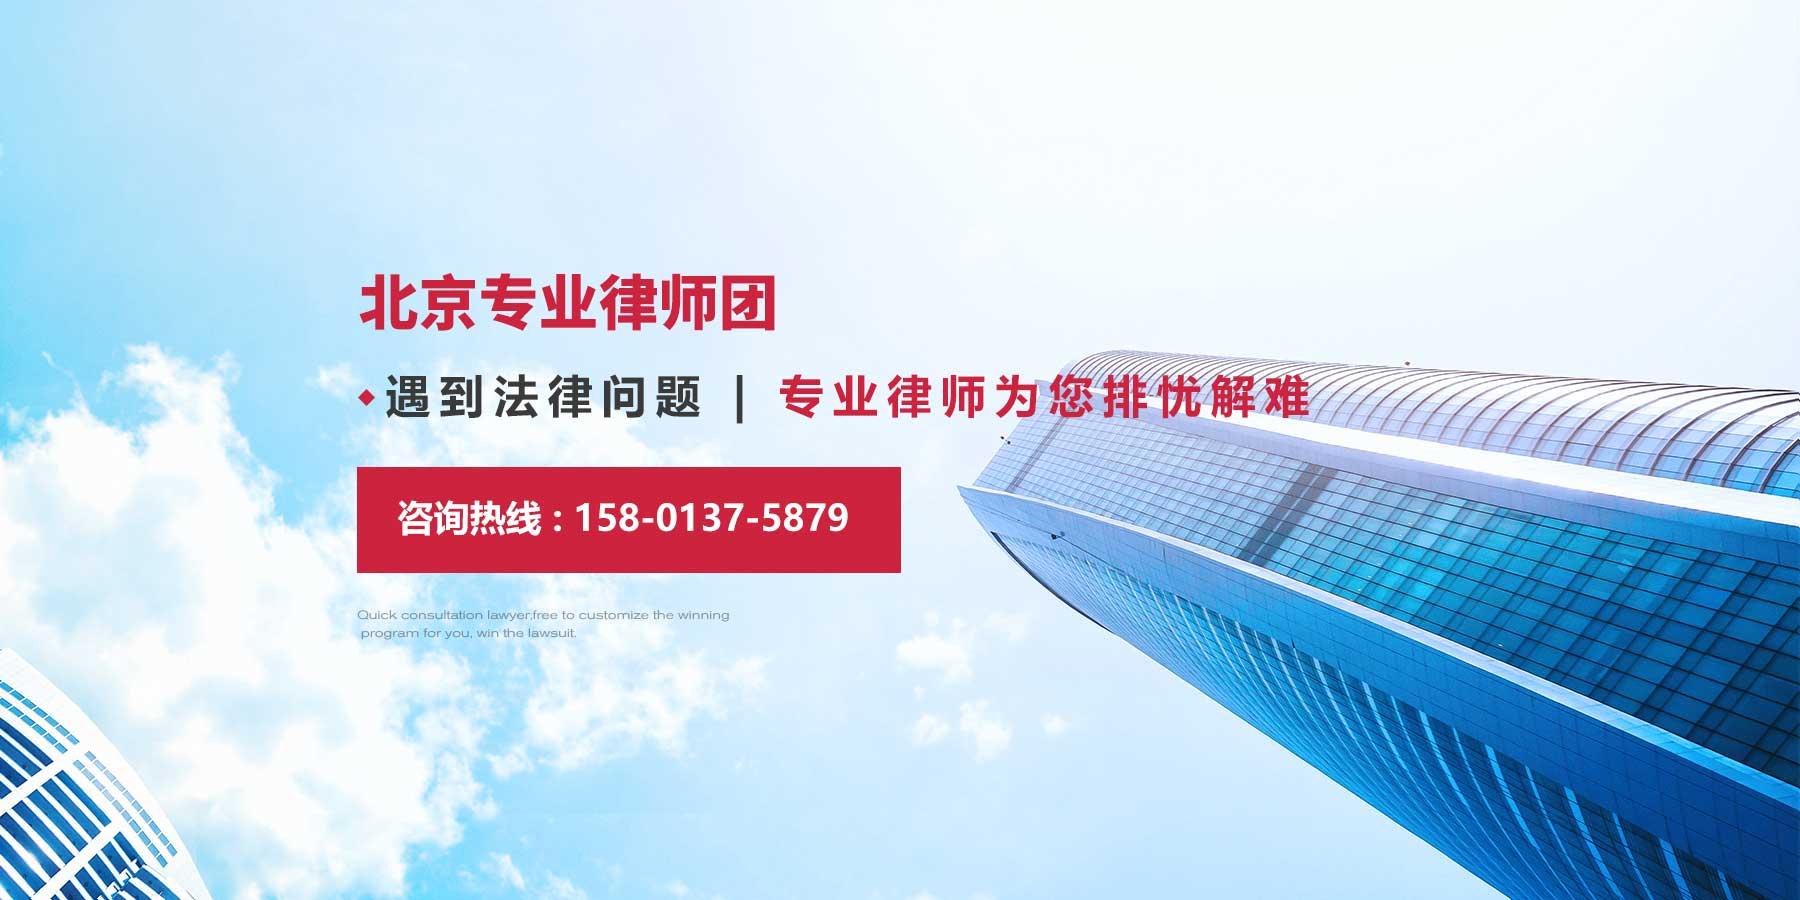 北京专业房产婚姻律师网